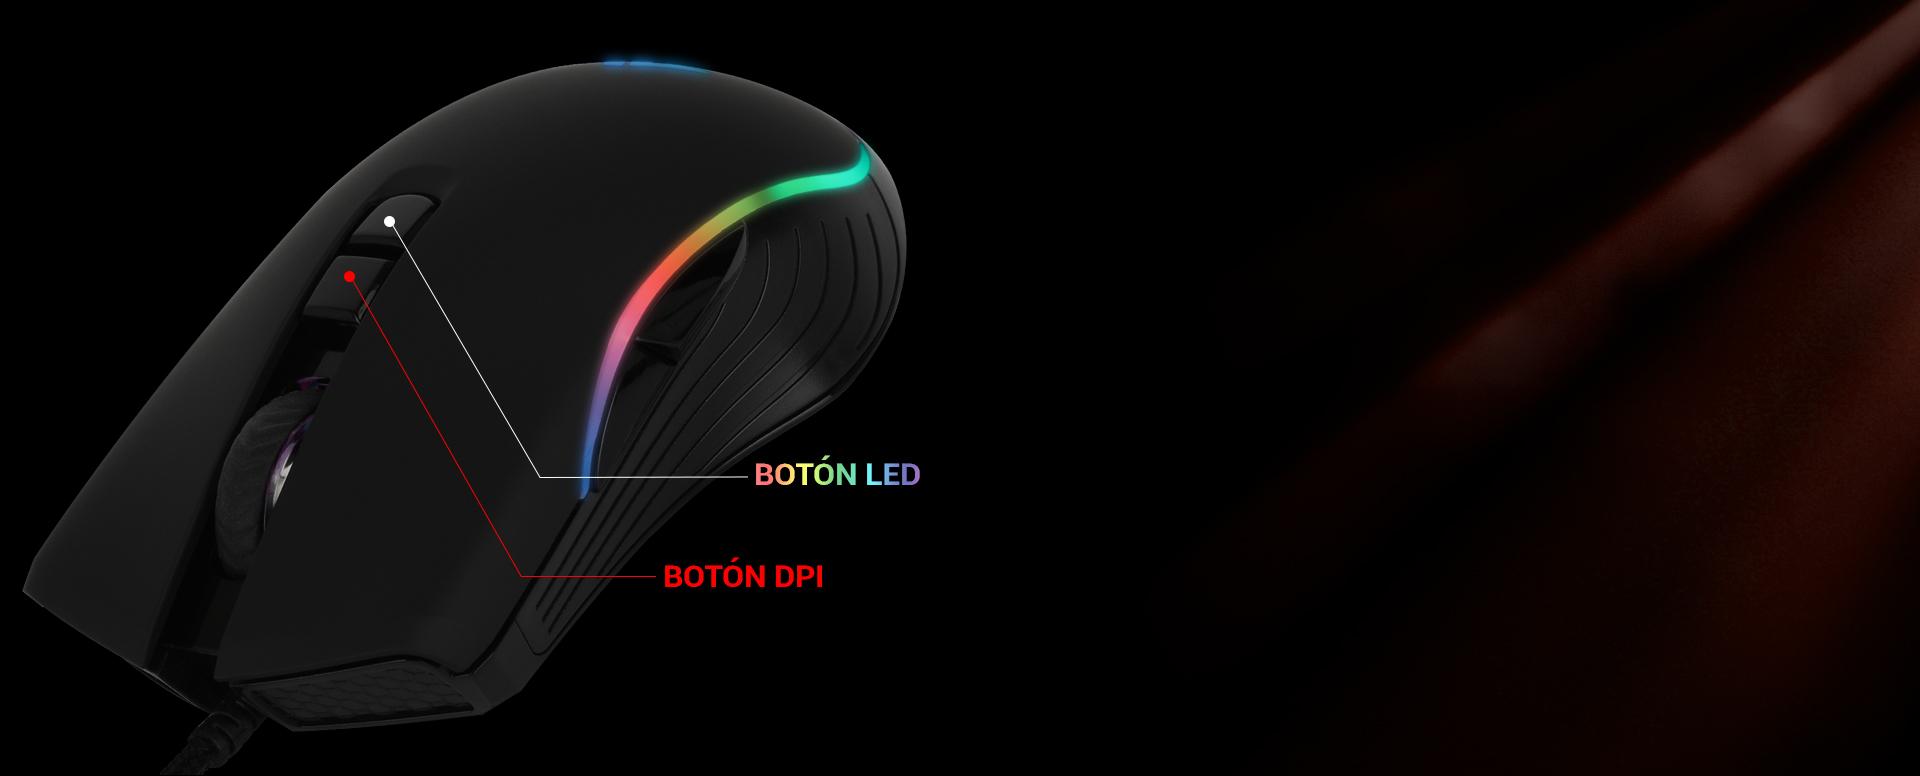 Ratón Gaming Astra AM6 imagen descripción ajuste de sensibilidad